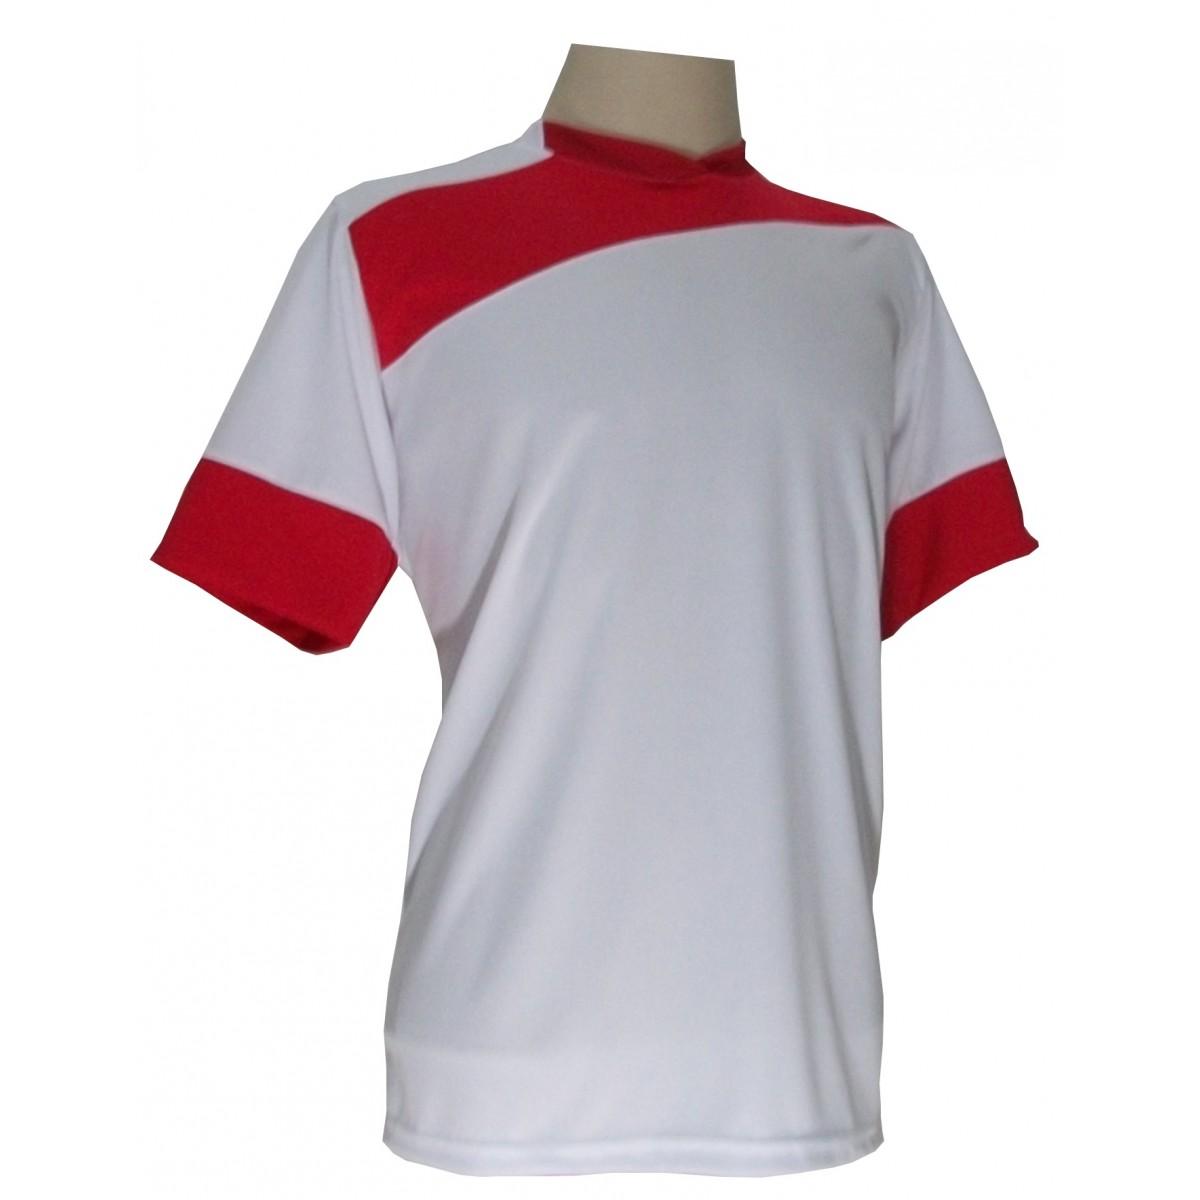 Jogo de Camisa com 14 unidades modelo Sporting Branco/Vermelho + Brindes